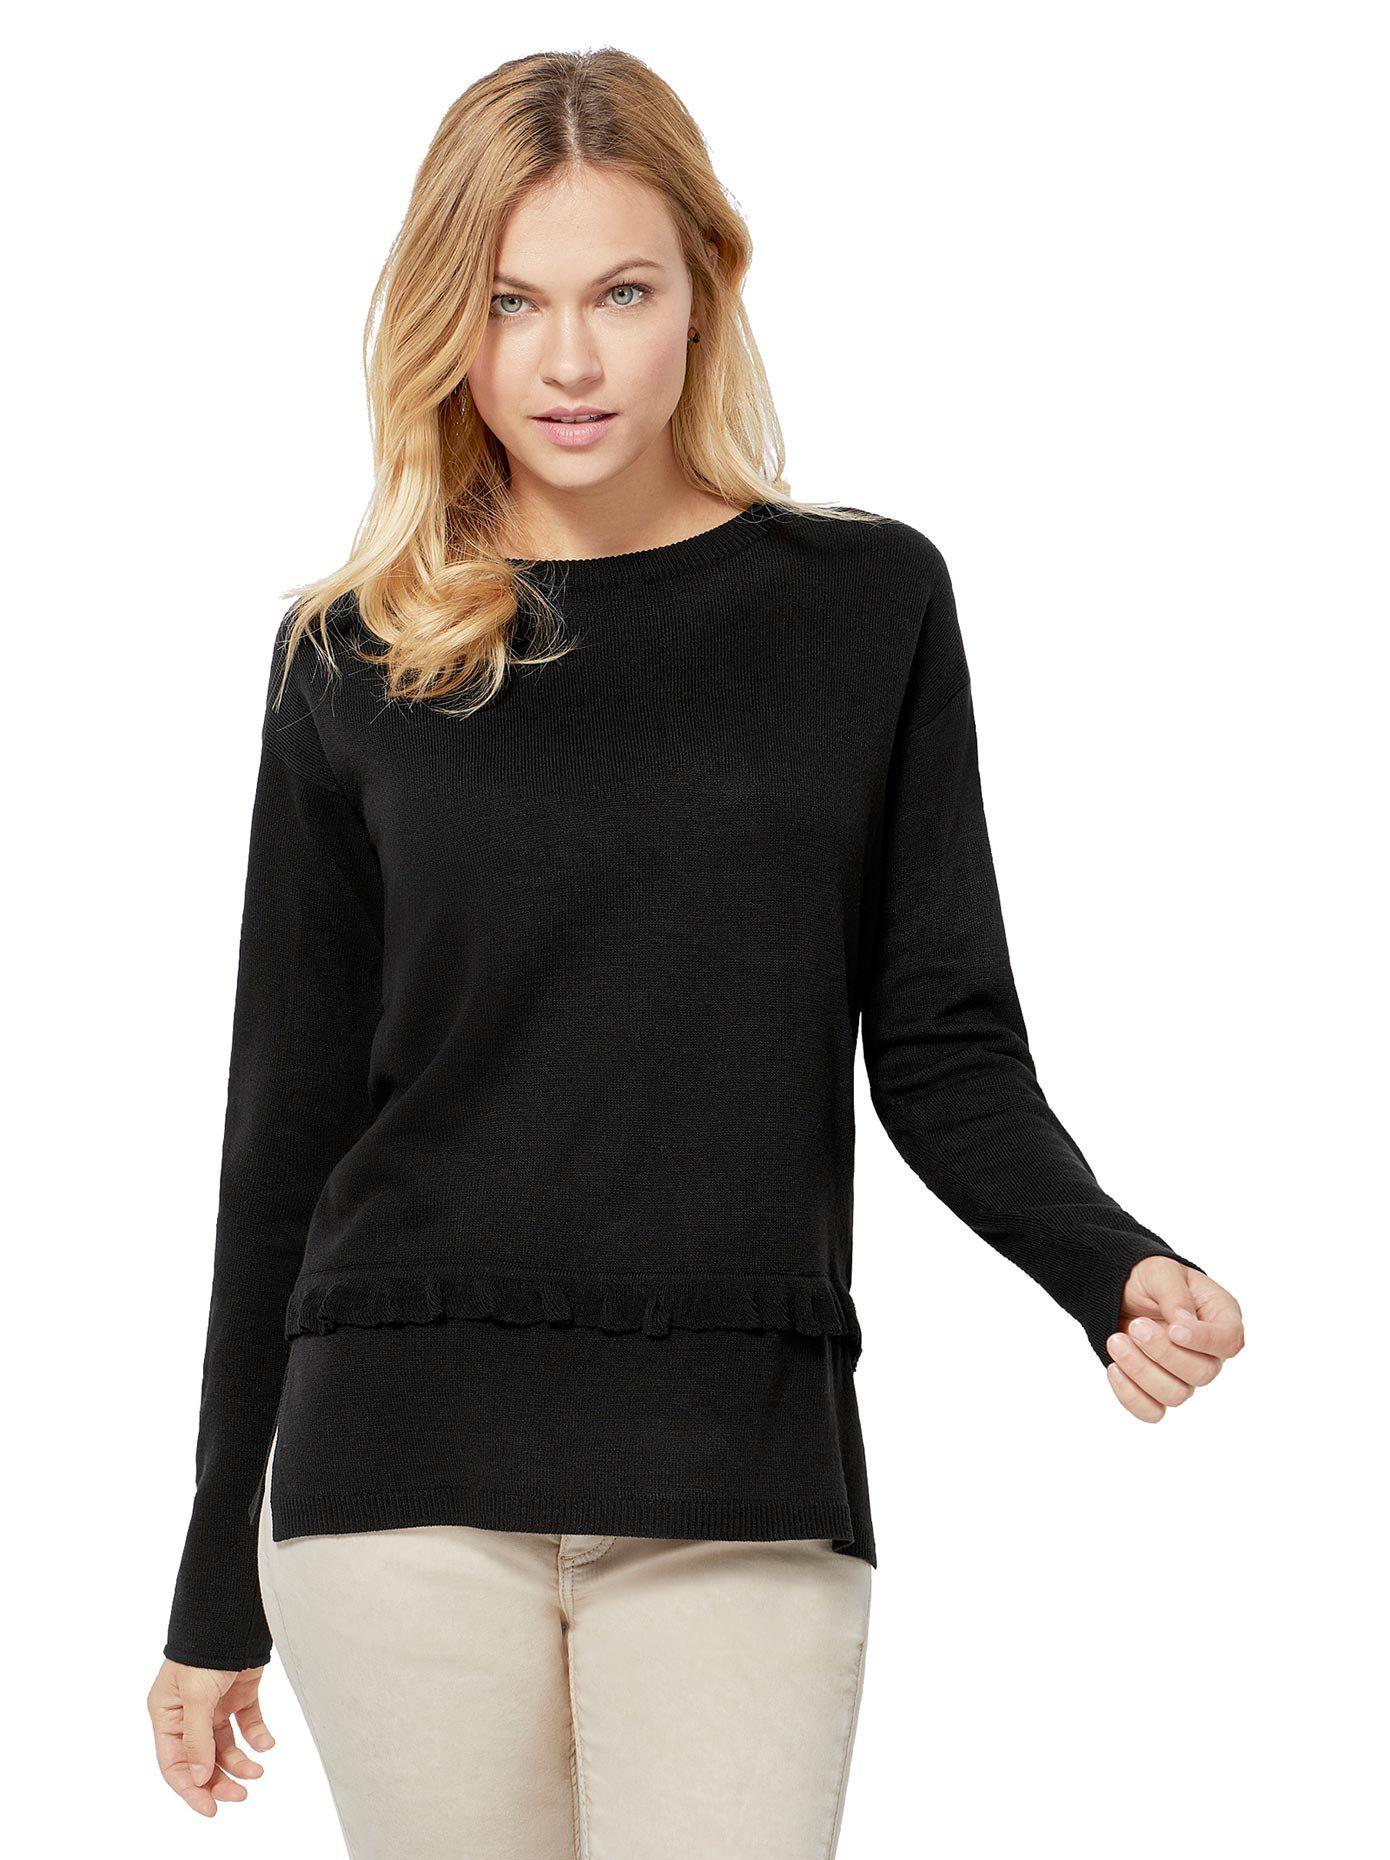 creation L création L Pullover mit Rüschen Bändchen, Pullover mit fein gerippten Abschlüssen online kaufen   OTTO